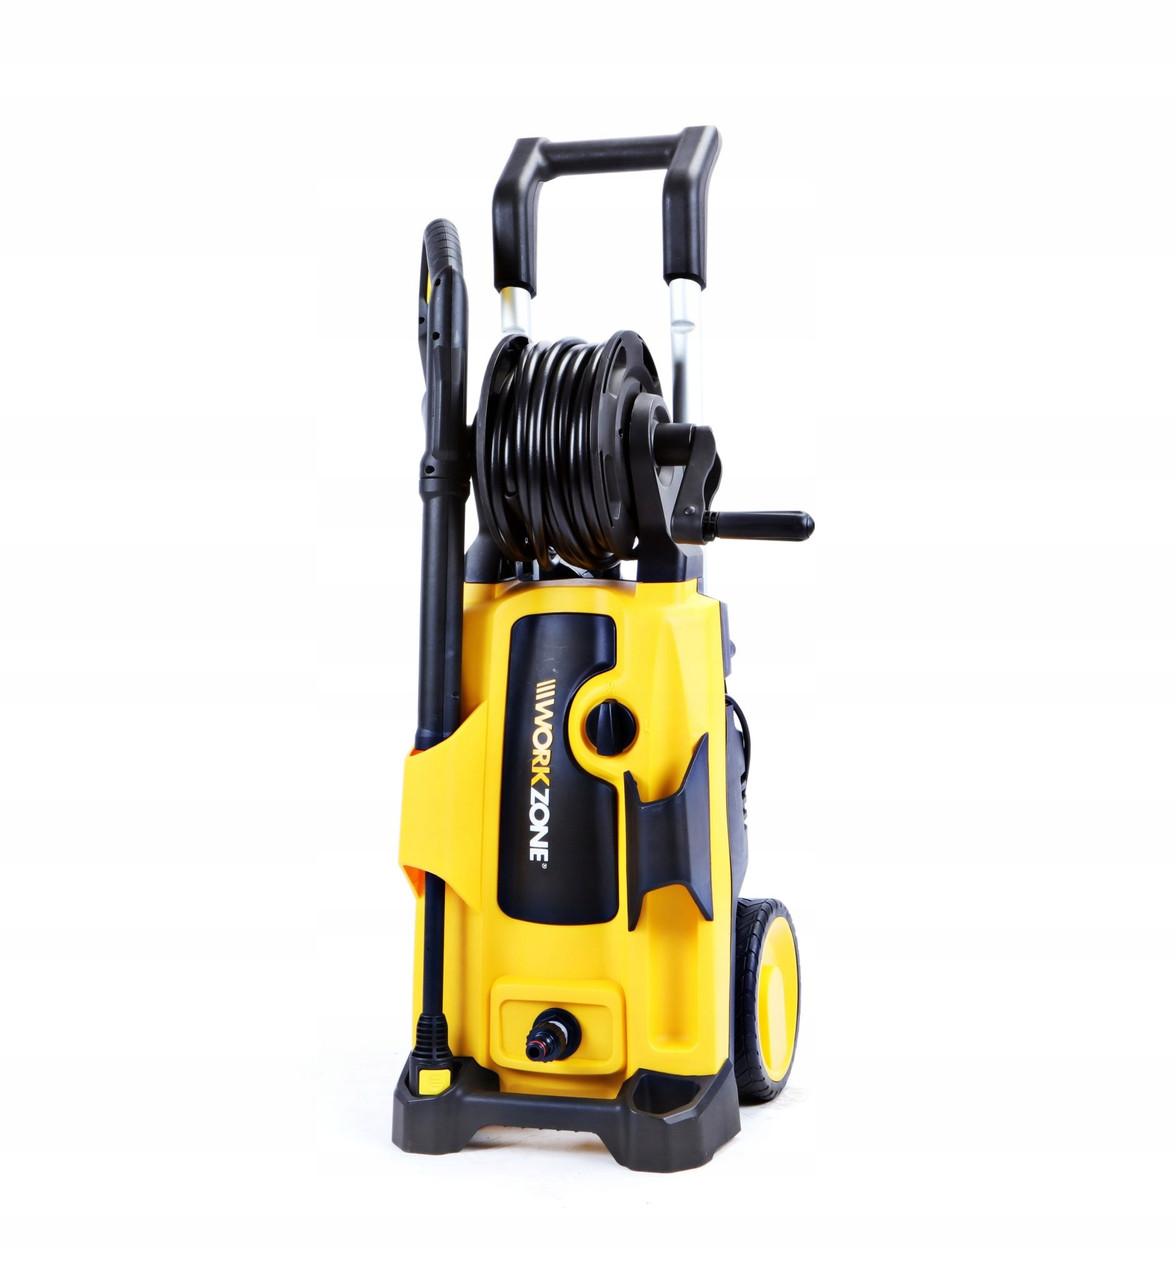 Мийка високого тиску WorkZone (Karcher K5) 150 Bar 2200w